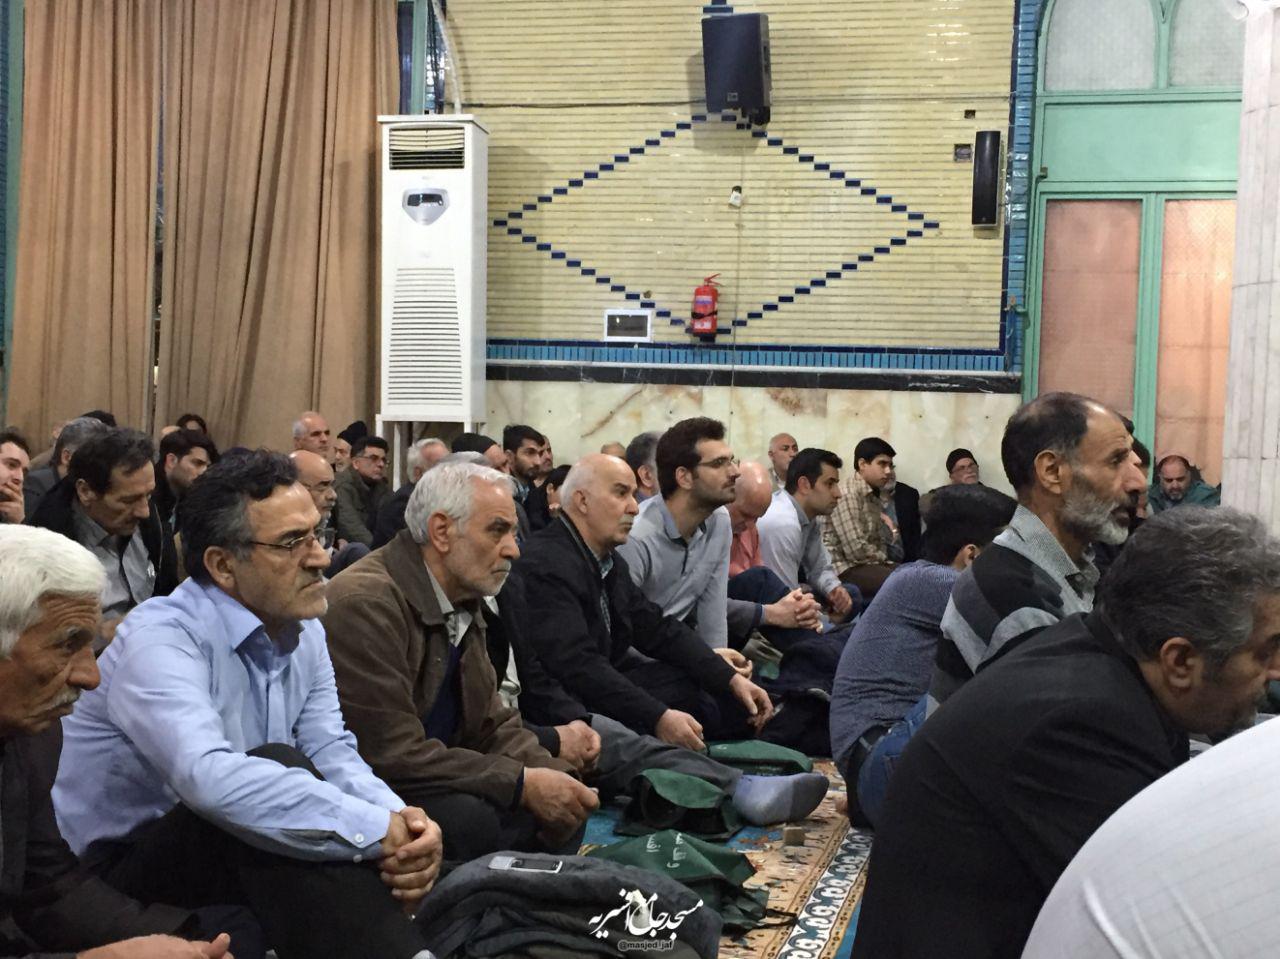 IMG 971123%20%286%29 نقل از تصویری؛ سخنرانی استاد حسن عباسی با موضوع چهل سالگی انقلاب اسلامی و همچنين افق های پیش رو